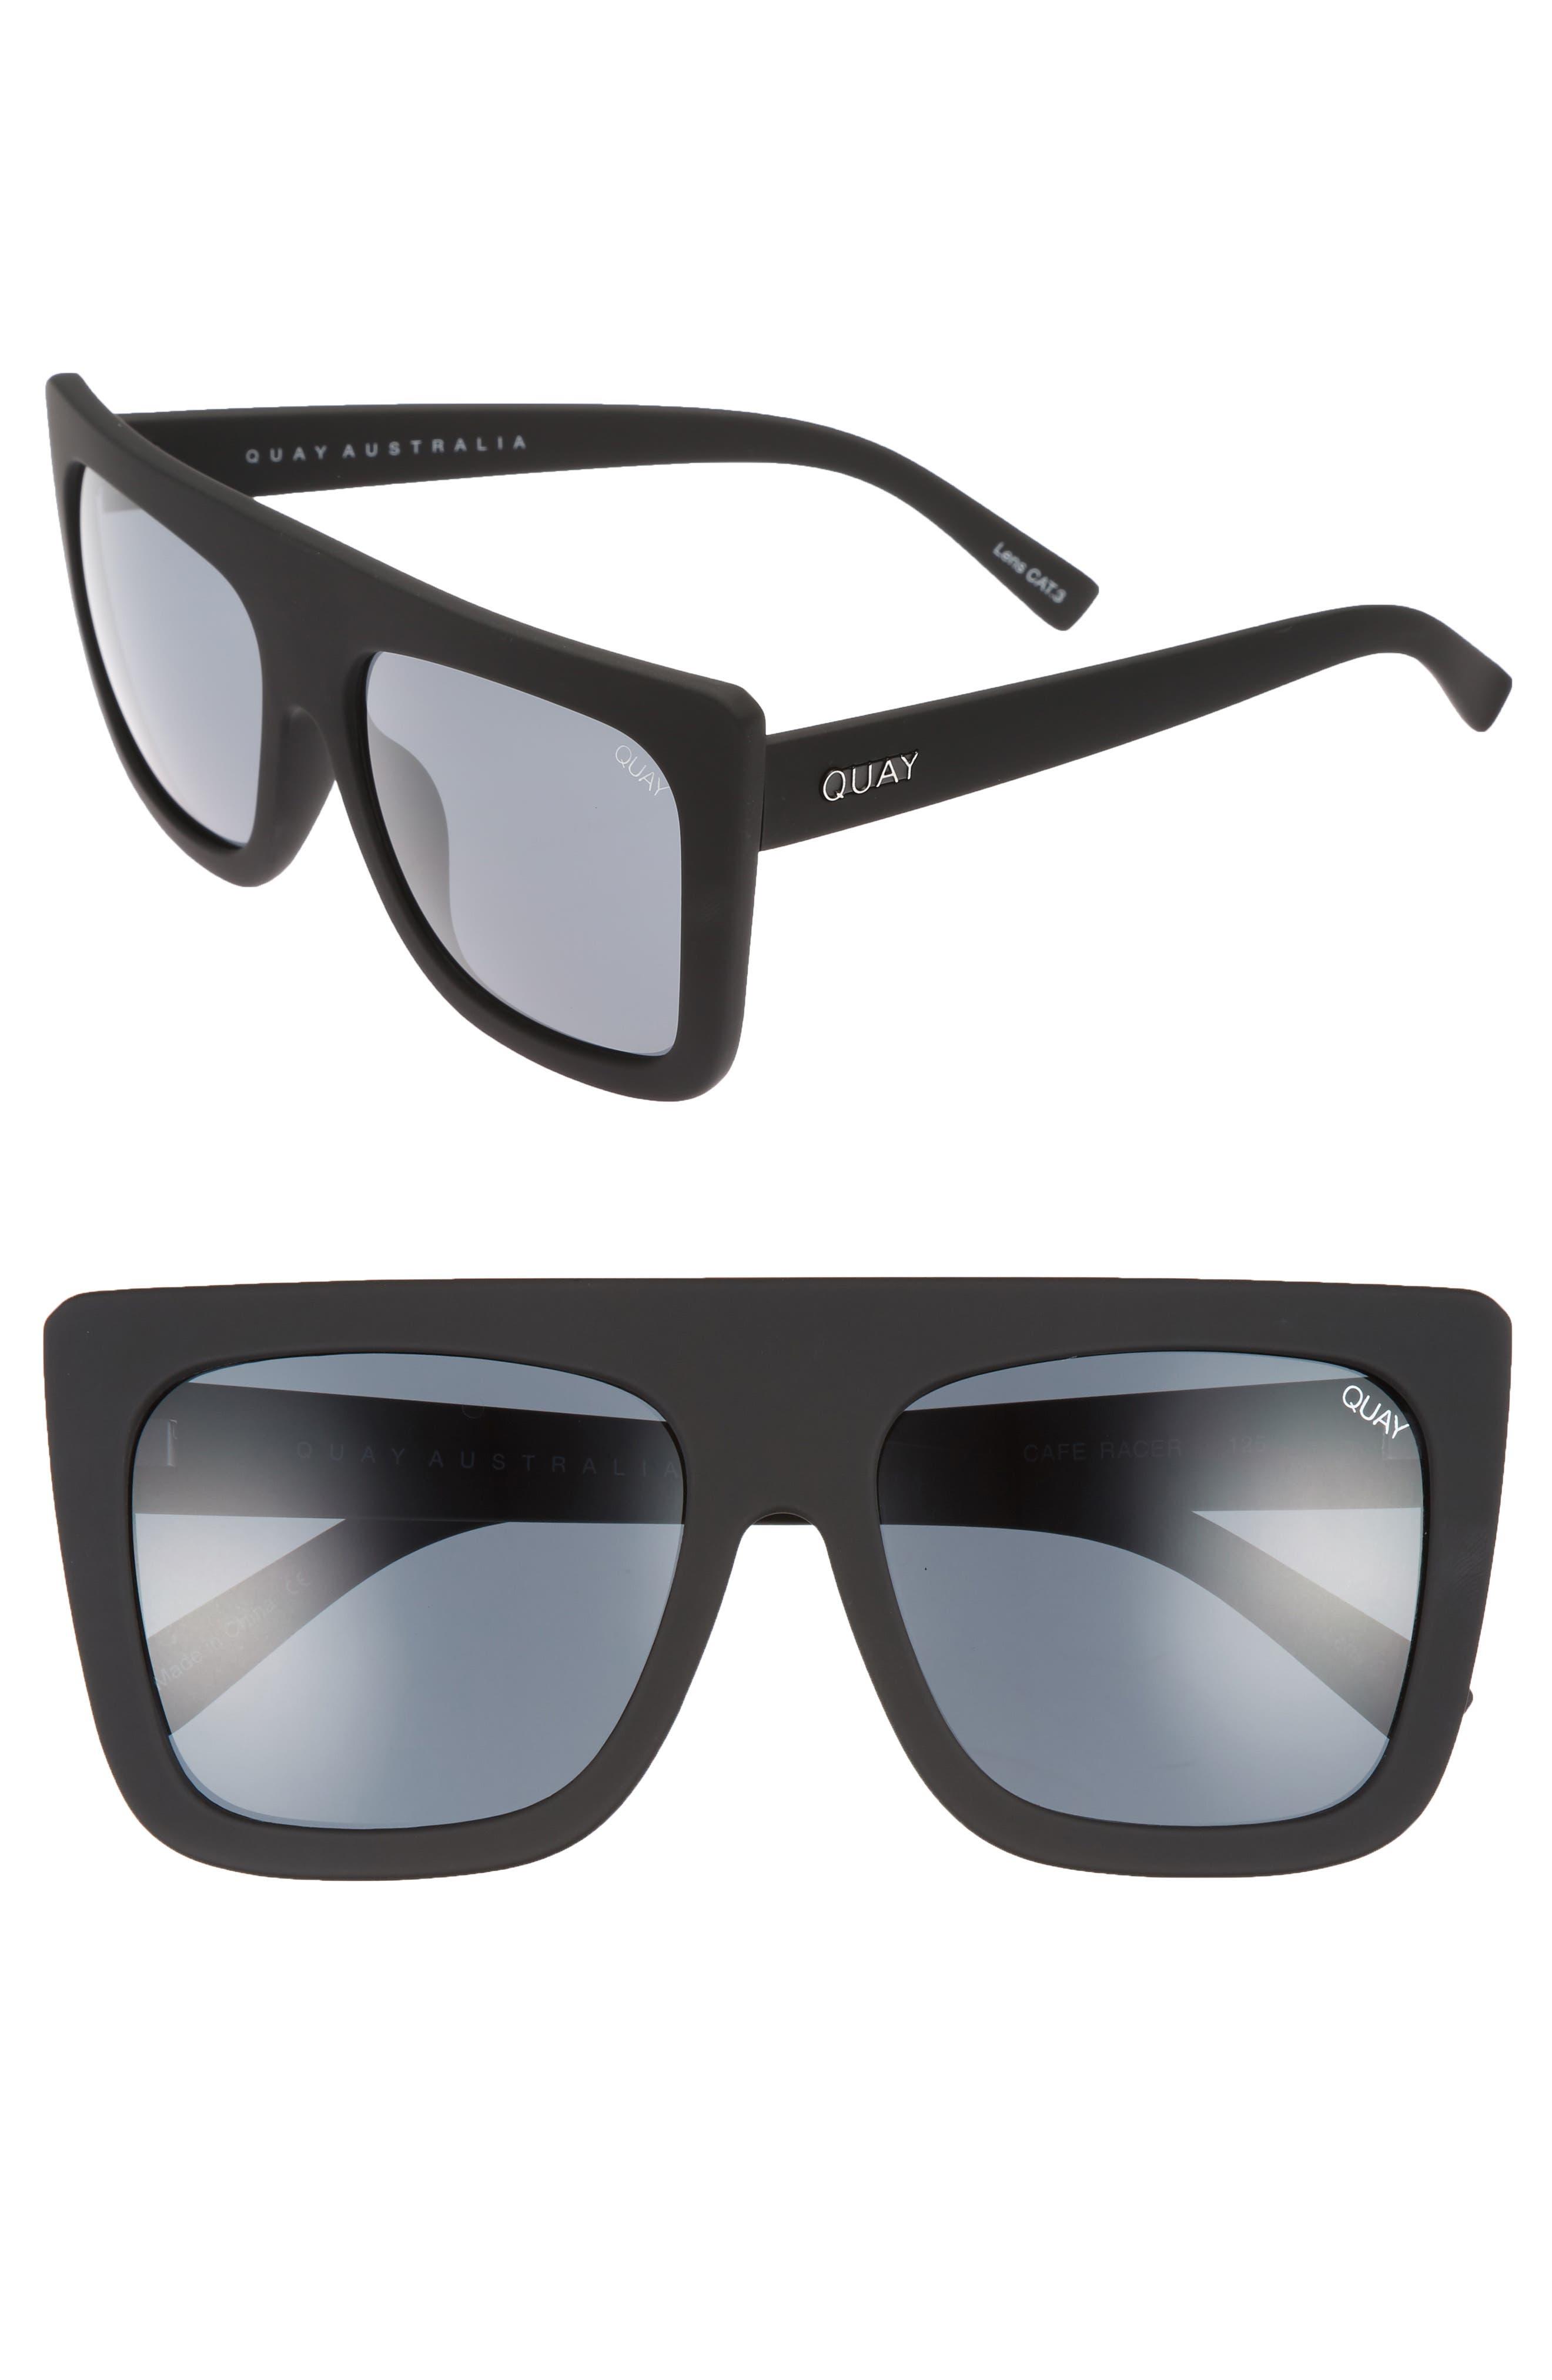 Cafe Racer 55mm Square Sunglasses,                             Main thumbnail 1, color,                             Black/ Smoke